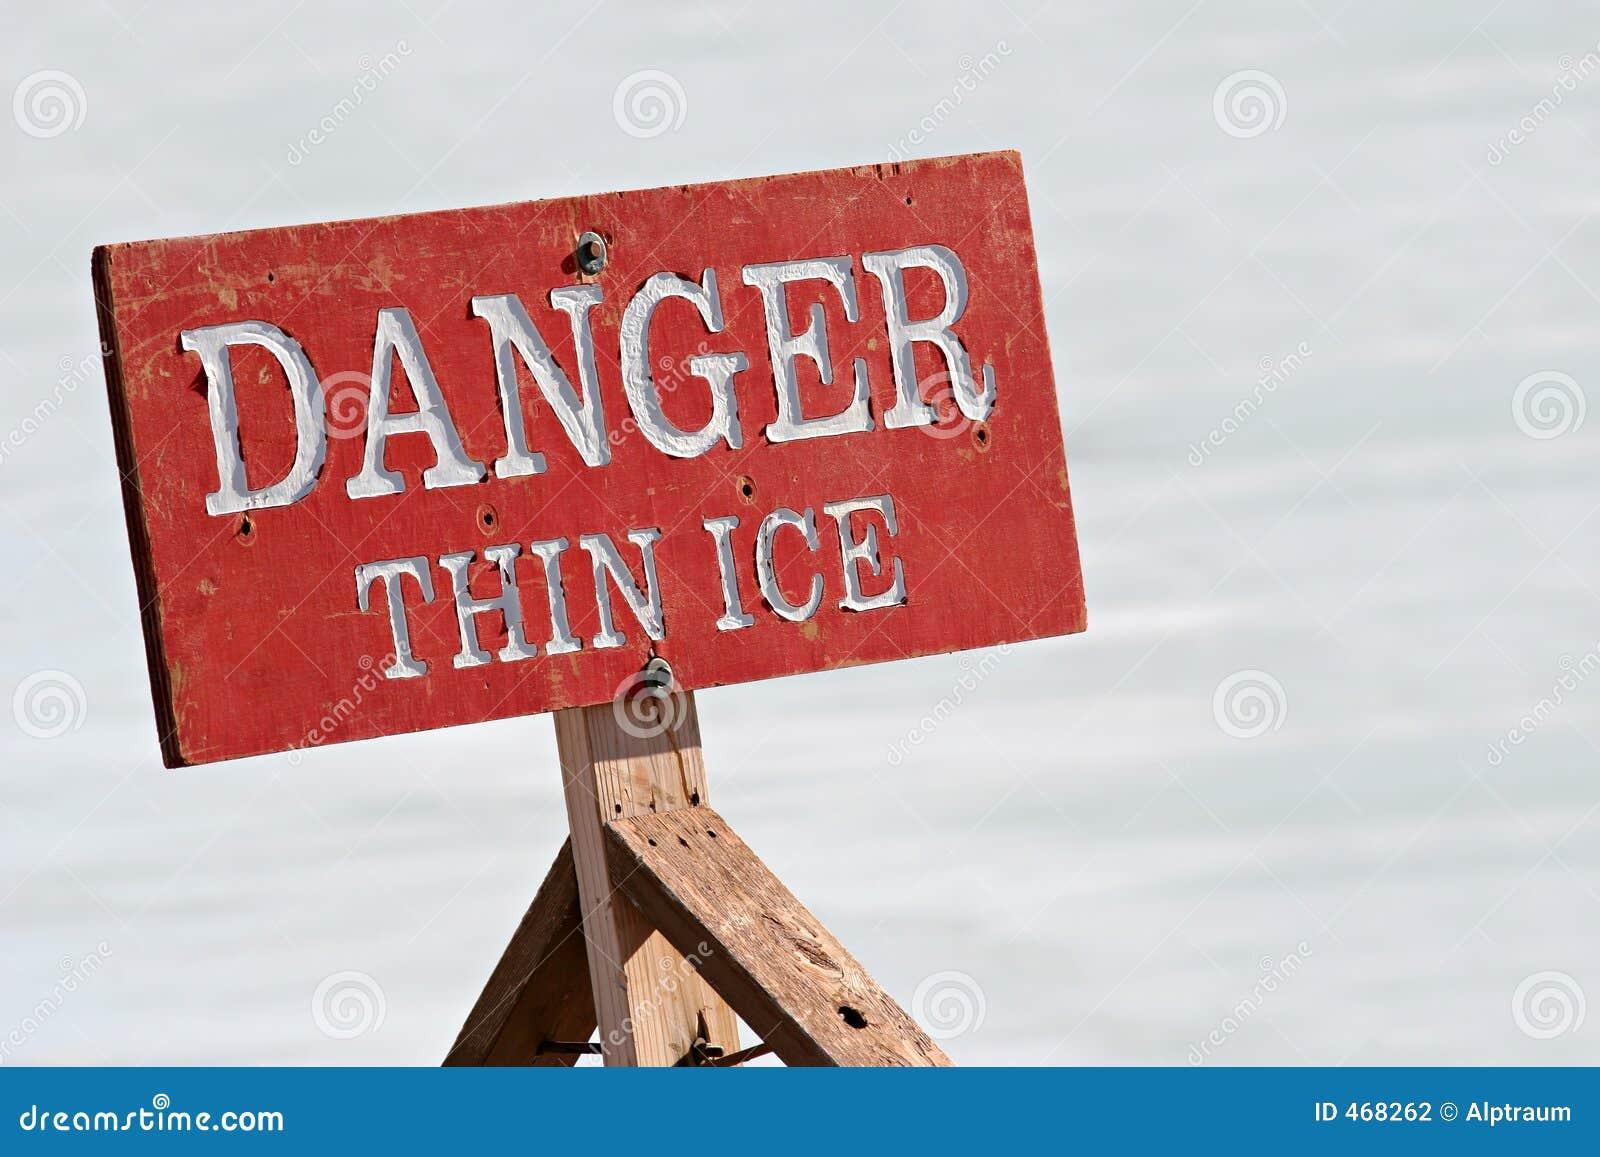 Het gevaar verdunt ijs